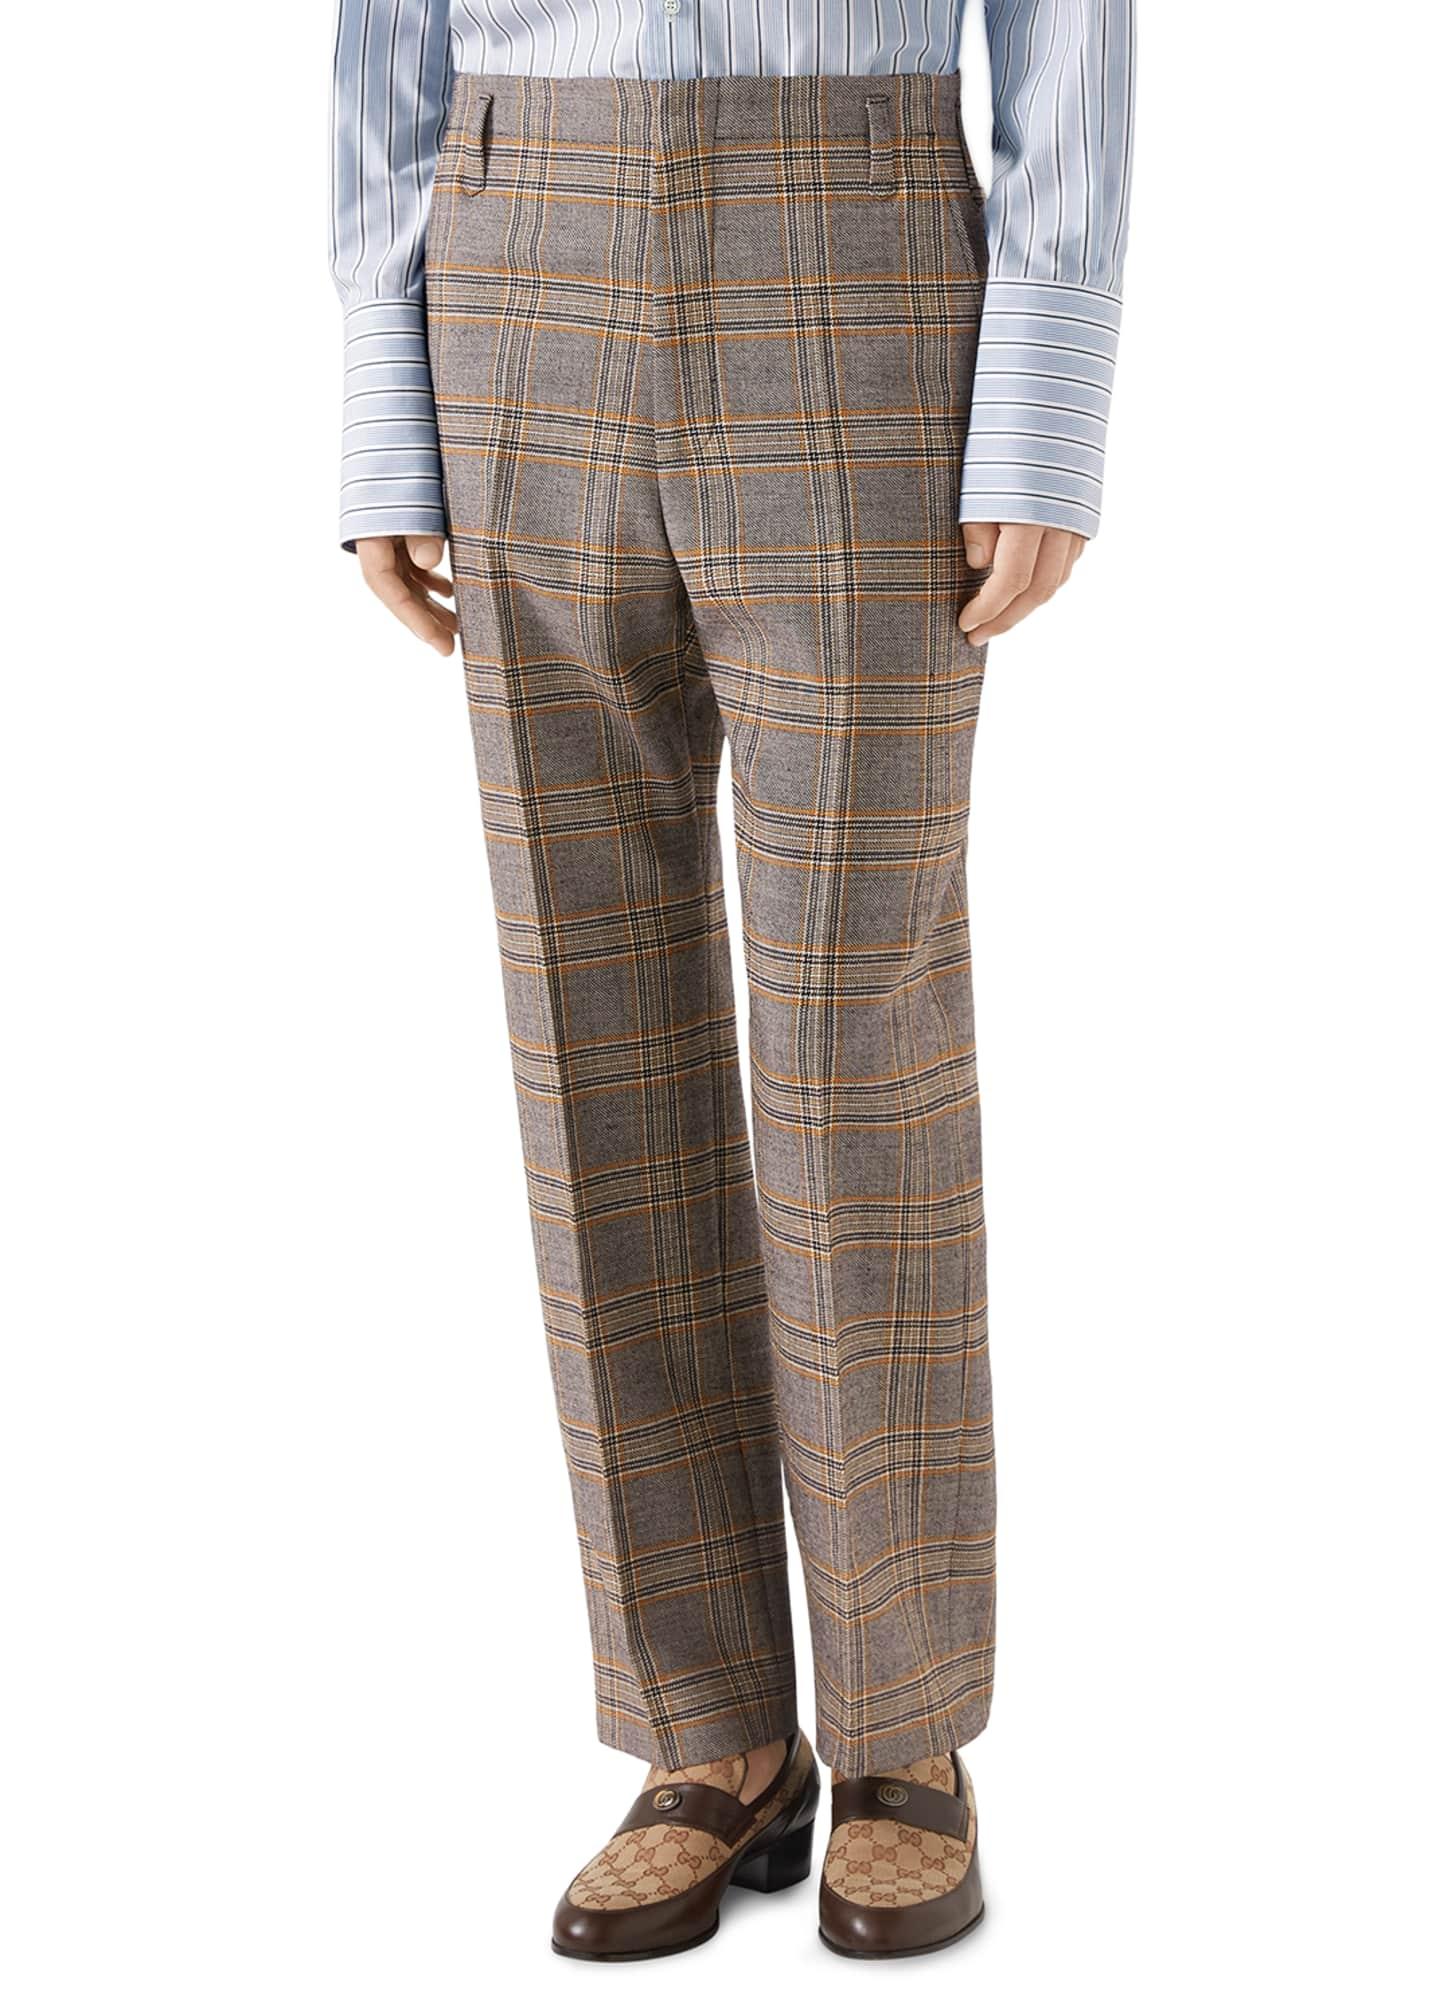 Gucci Men's 70s-Check Straight-Leg Trousers